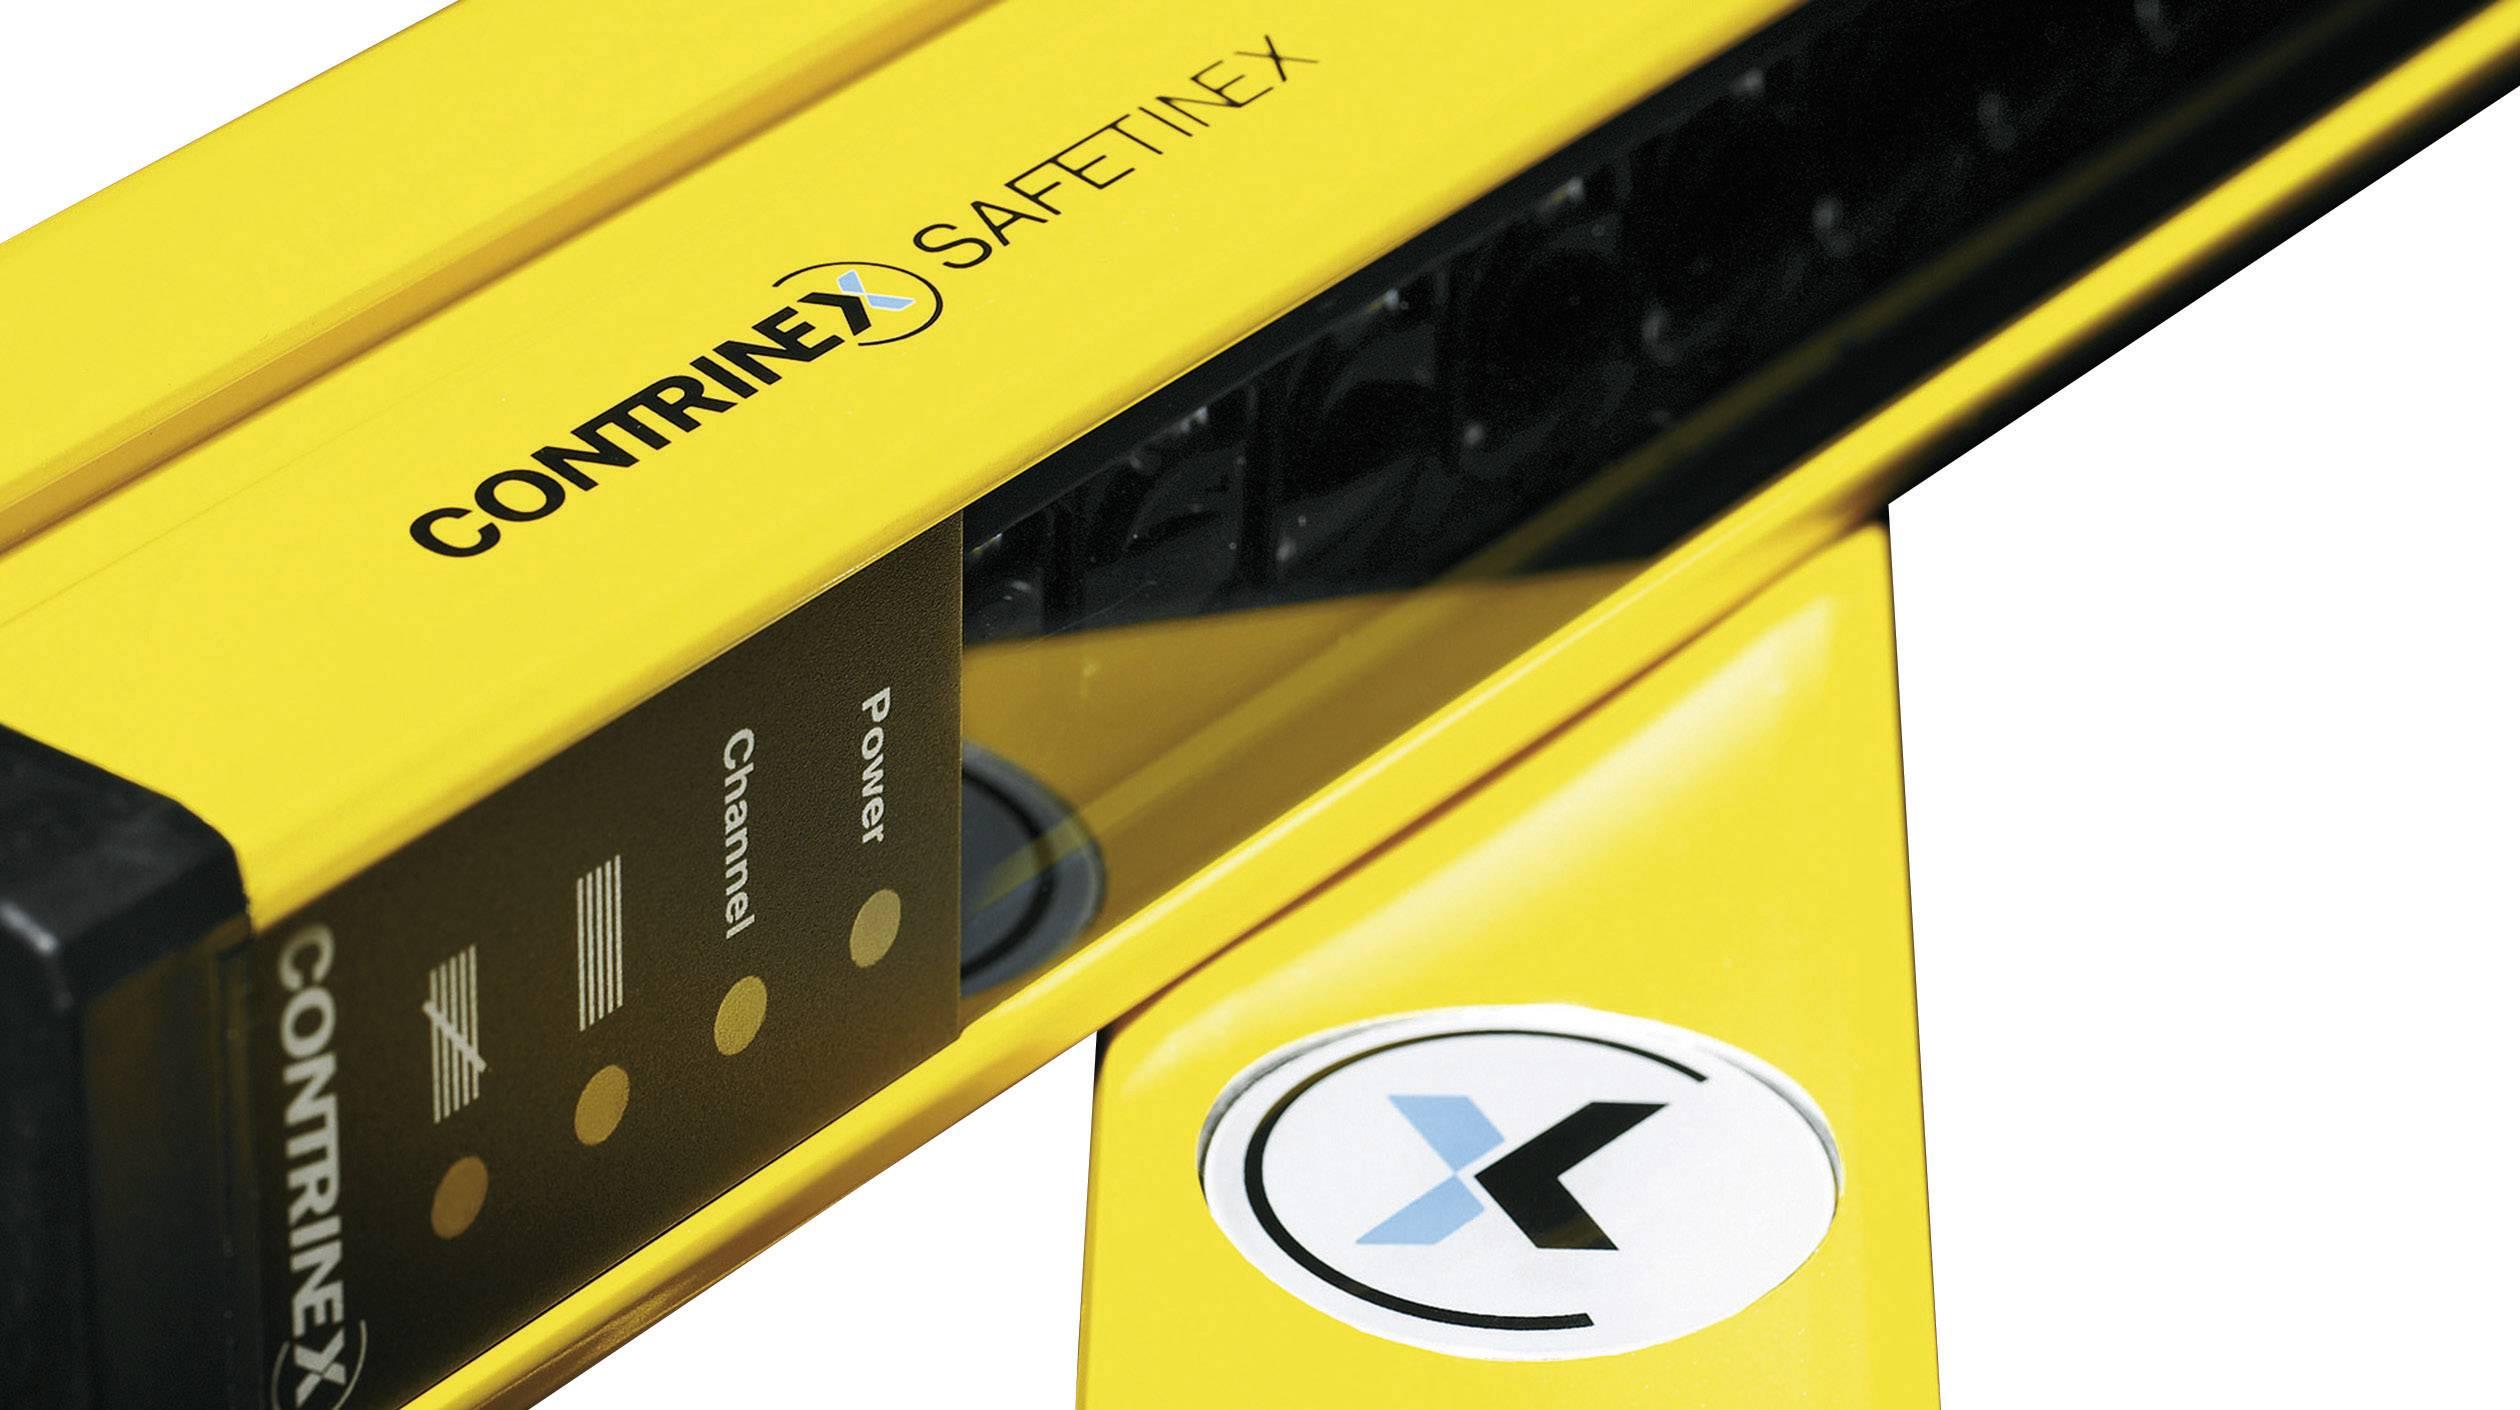 Vícepaprsková bezpečnostní světelná závora pro ochranu osob Contrinex YCA-50R4-4400-G012 630 100 050